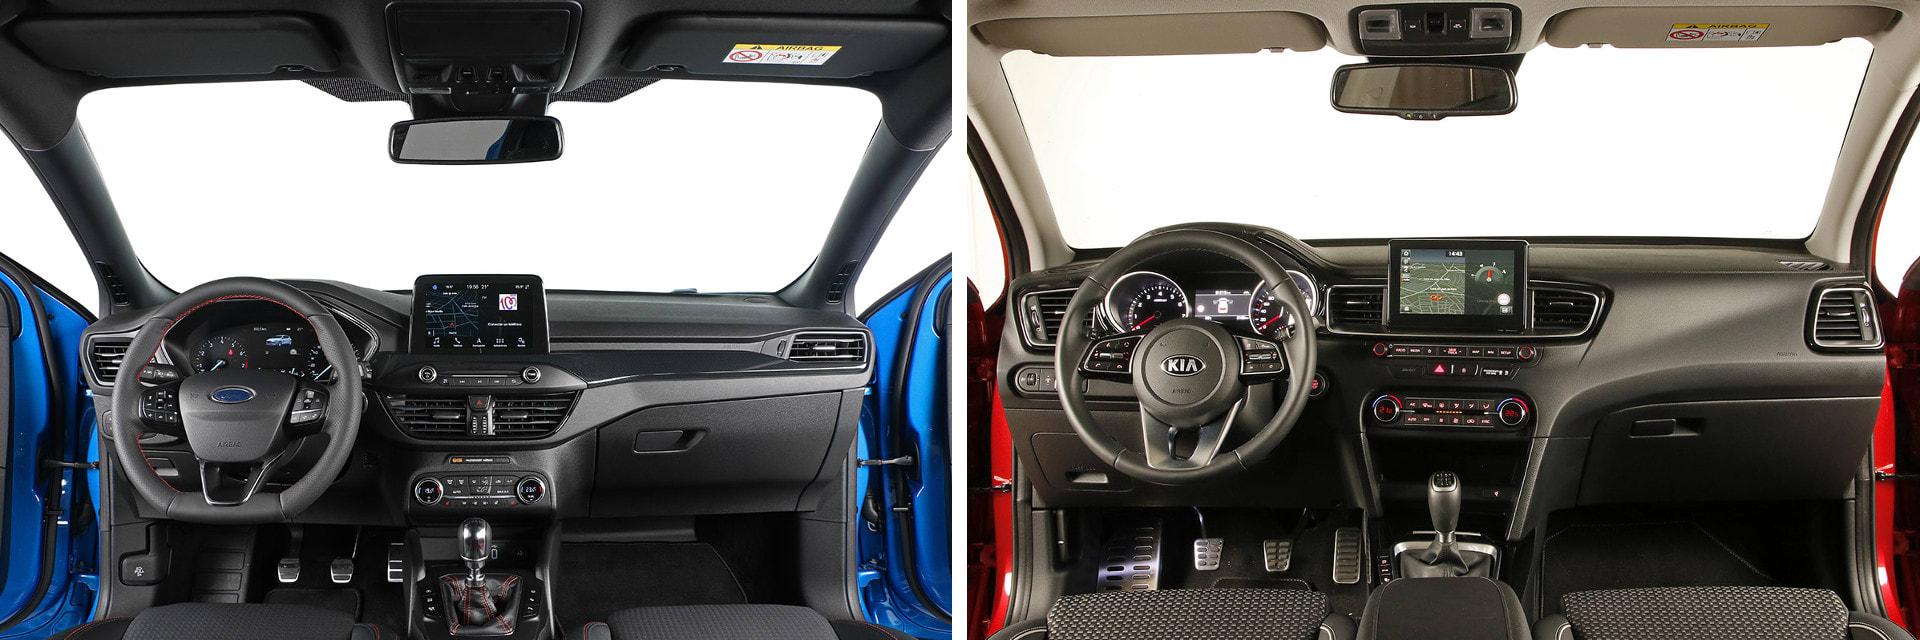 El interior de ambos modelos está hecho con buenos materiales, pero los del KIA Ceed (dcha.) están mejor ensamblados.